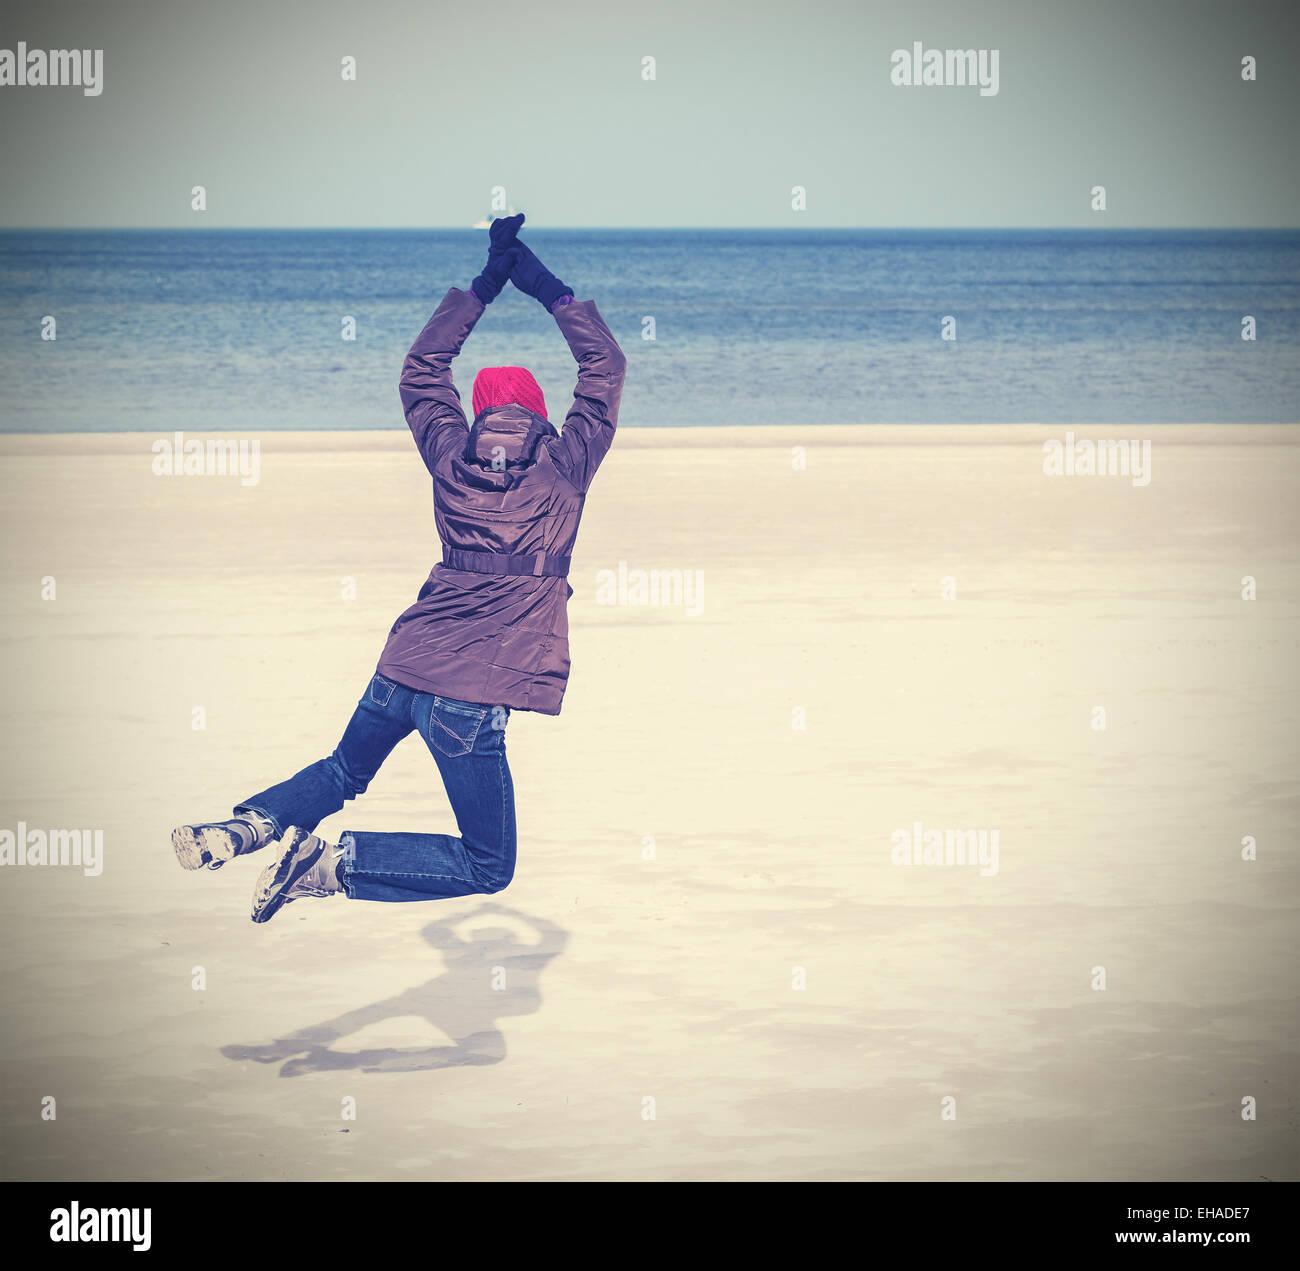 Retrò foto filtrata della donna che si tuffa sulla spiaggia, inverno uno stile di vita attivo concetto, spazio per Foto Stock